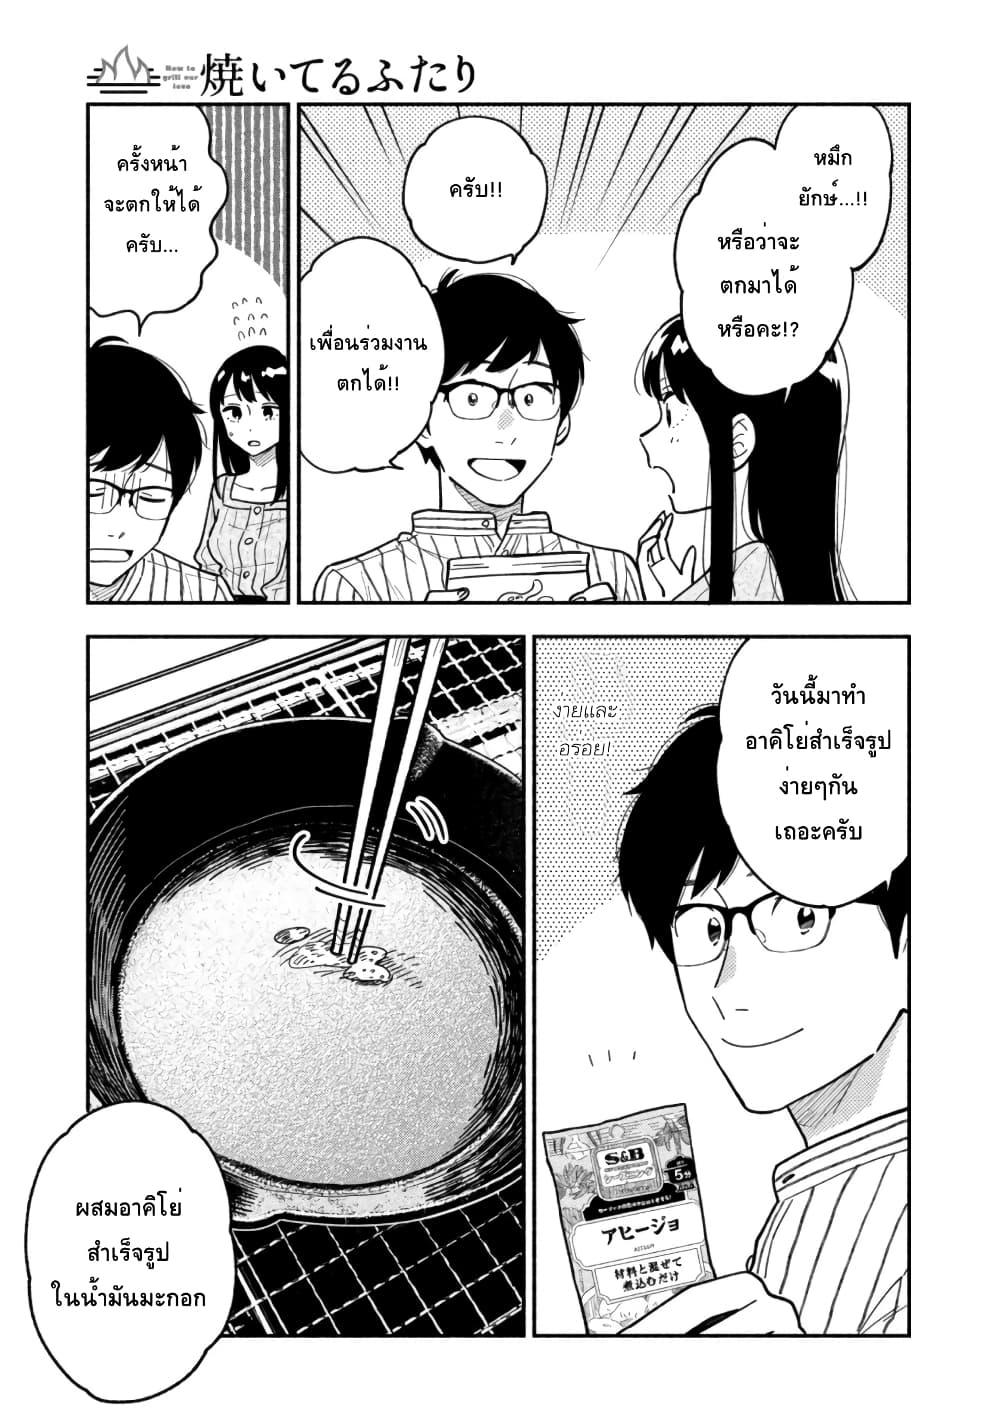 อ่านการ์ตูน Yaiteru Futari ตอนที่ 5 หน้าที่ 5